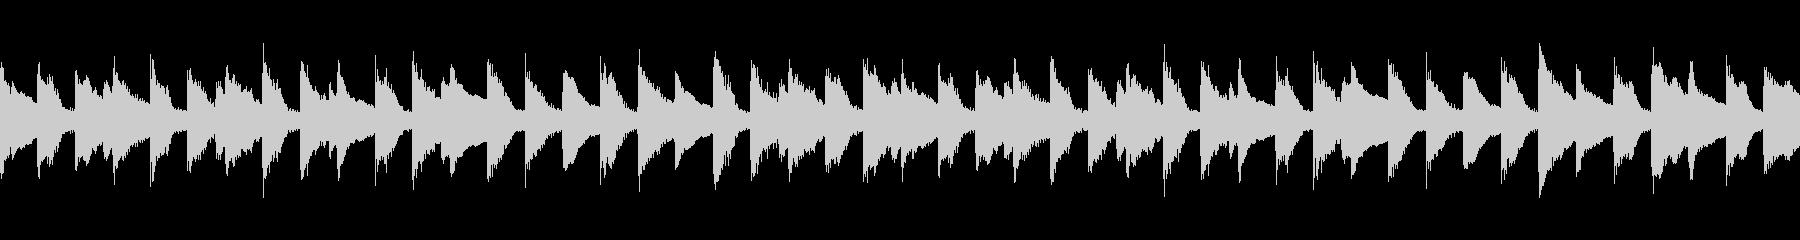 ピアノの旋律が印象的なワルツ調の未再生の波形